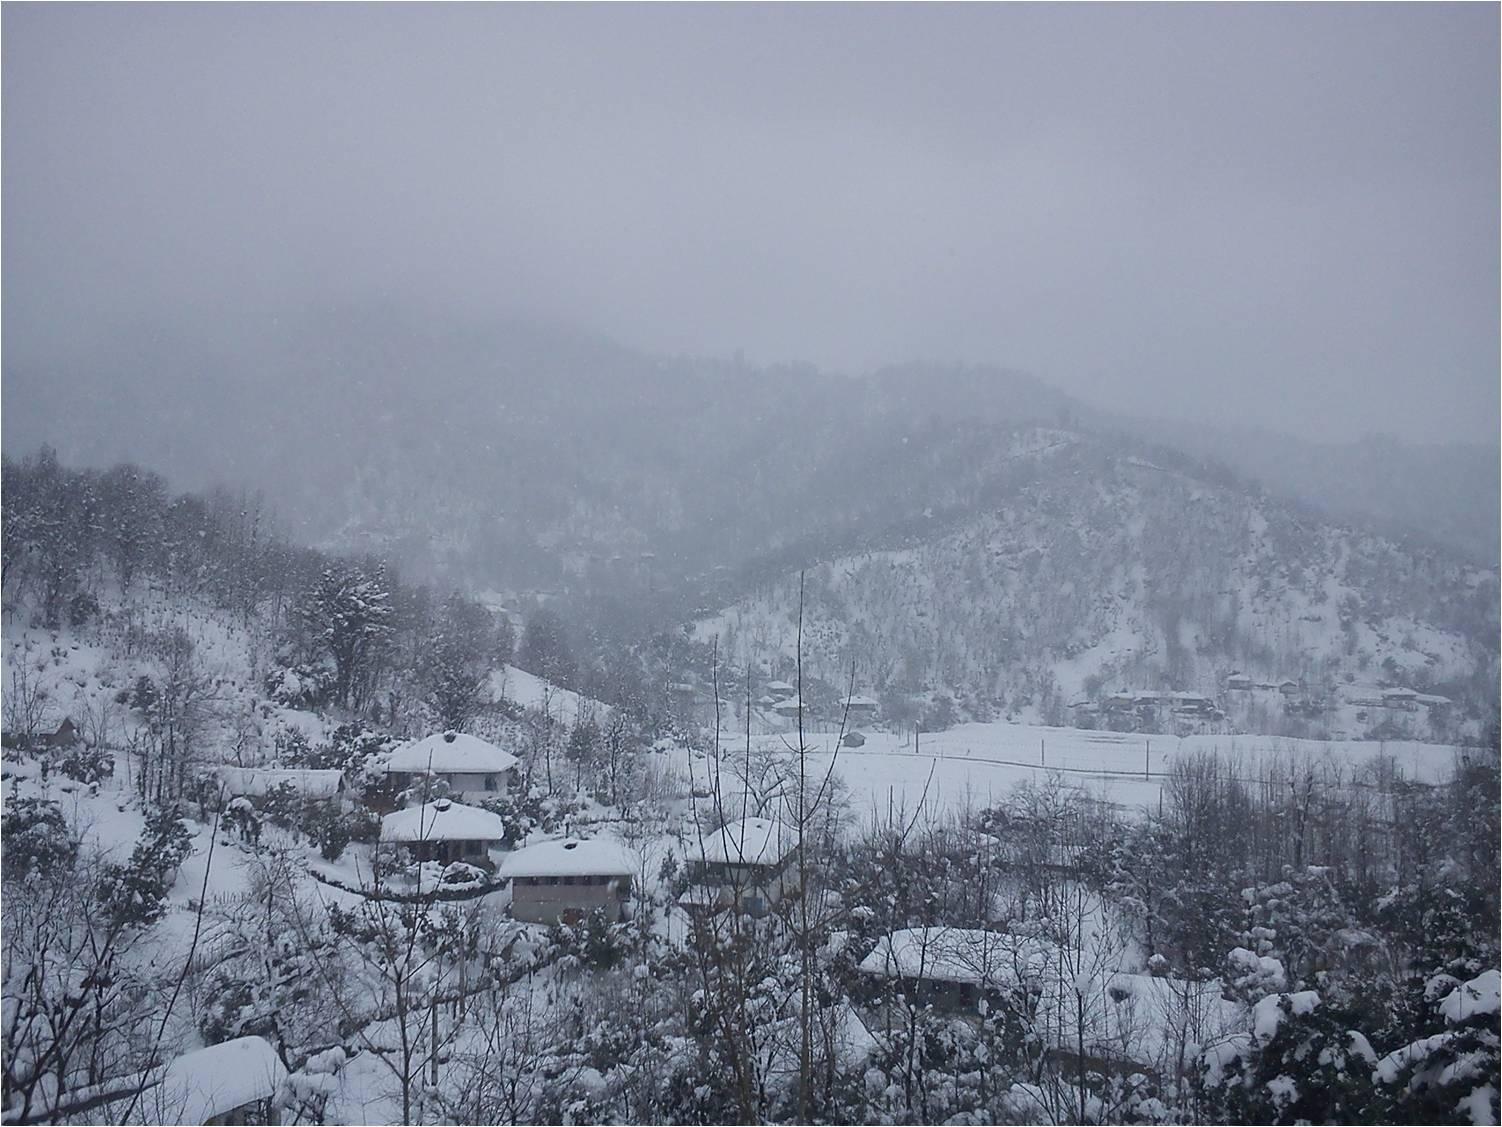 نوروز محله در یک روز زمستانی برفی